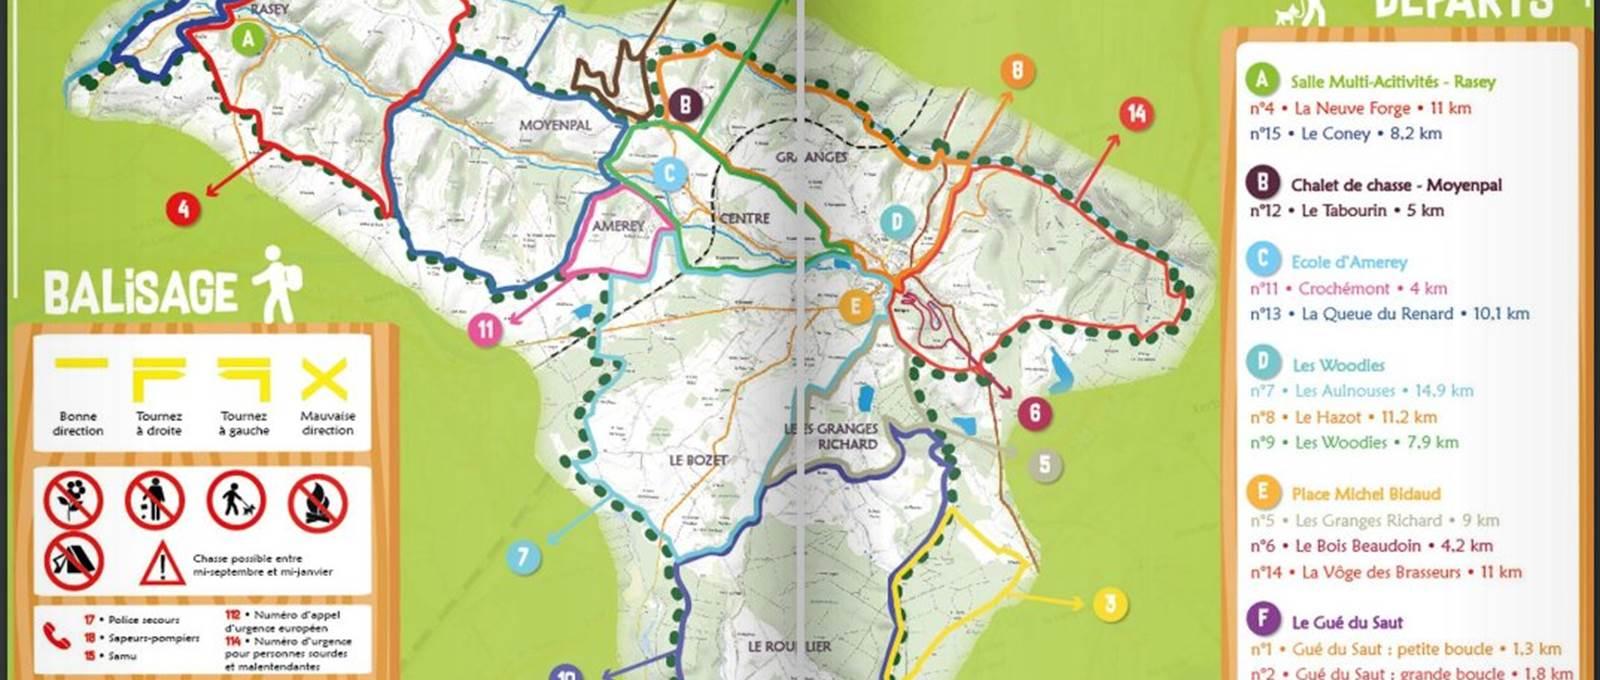 Xertigny Tour 15 magnifiques parcours de 1 à 15Km entre forêt et campagne